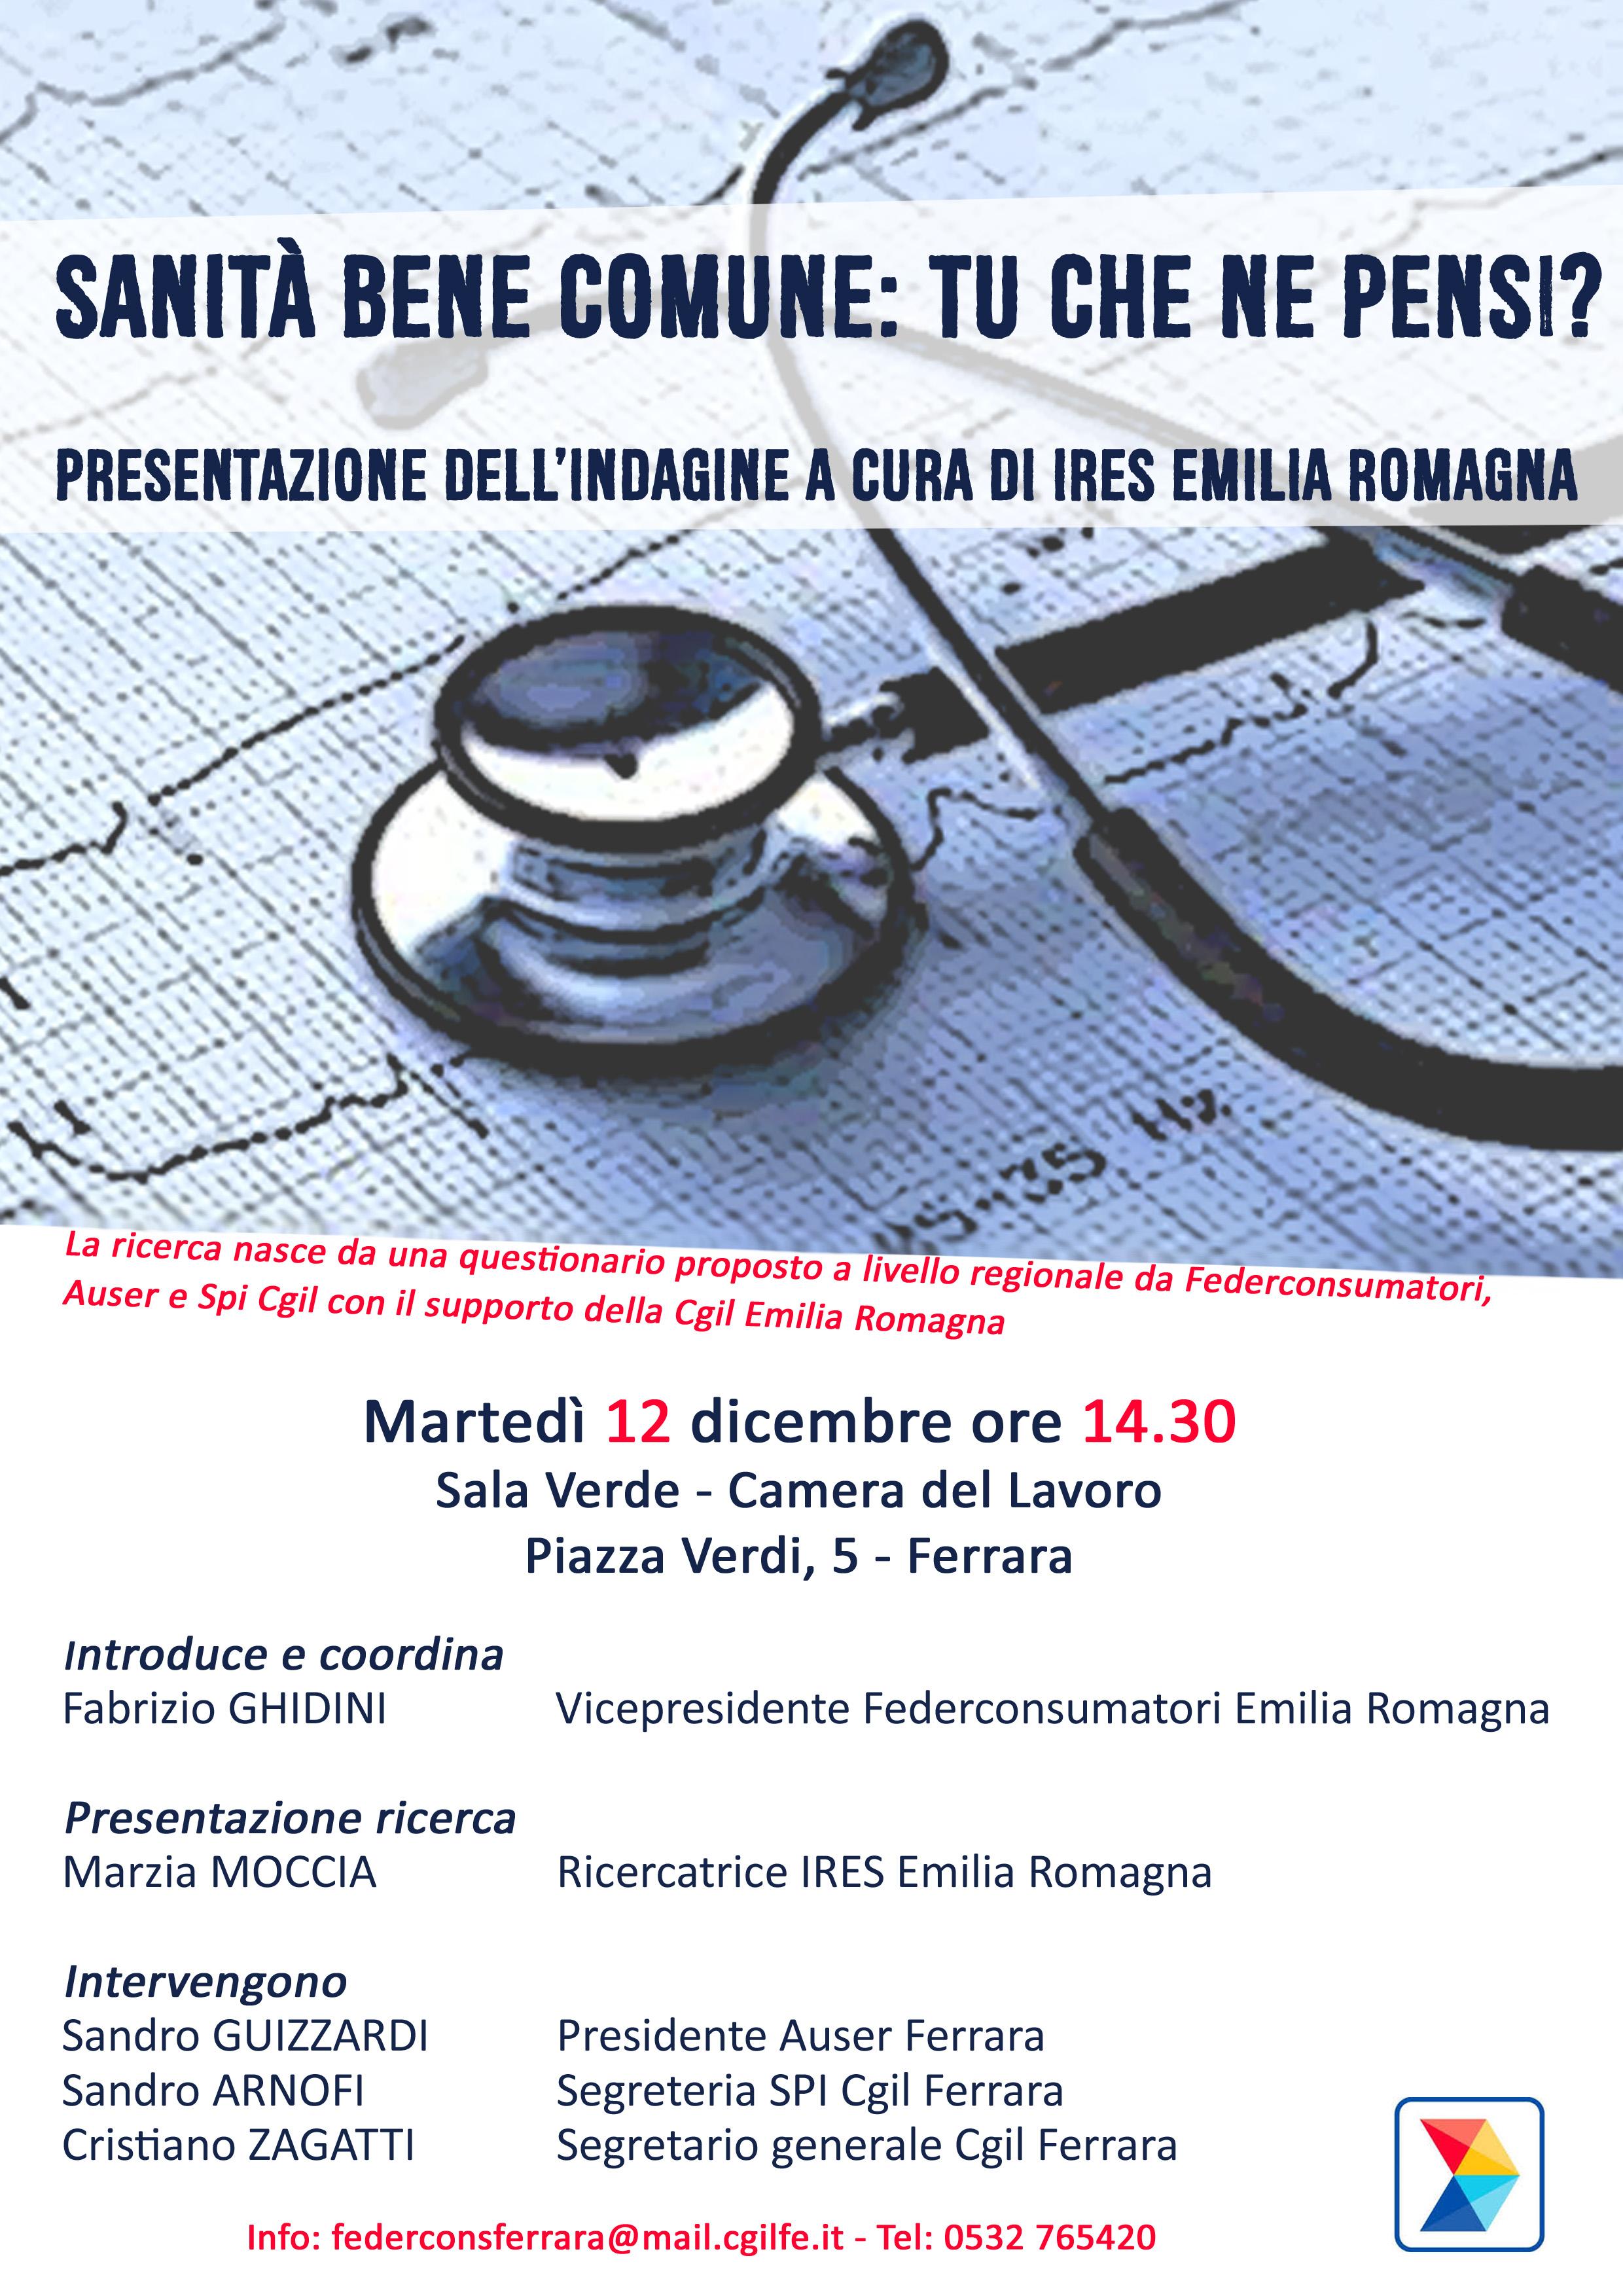 Sanità bene comune: presentazione indagine martedì 12 dicembre